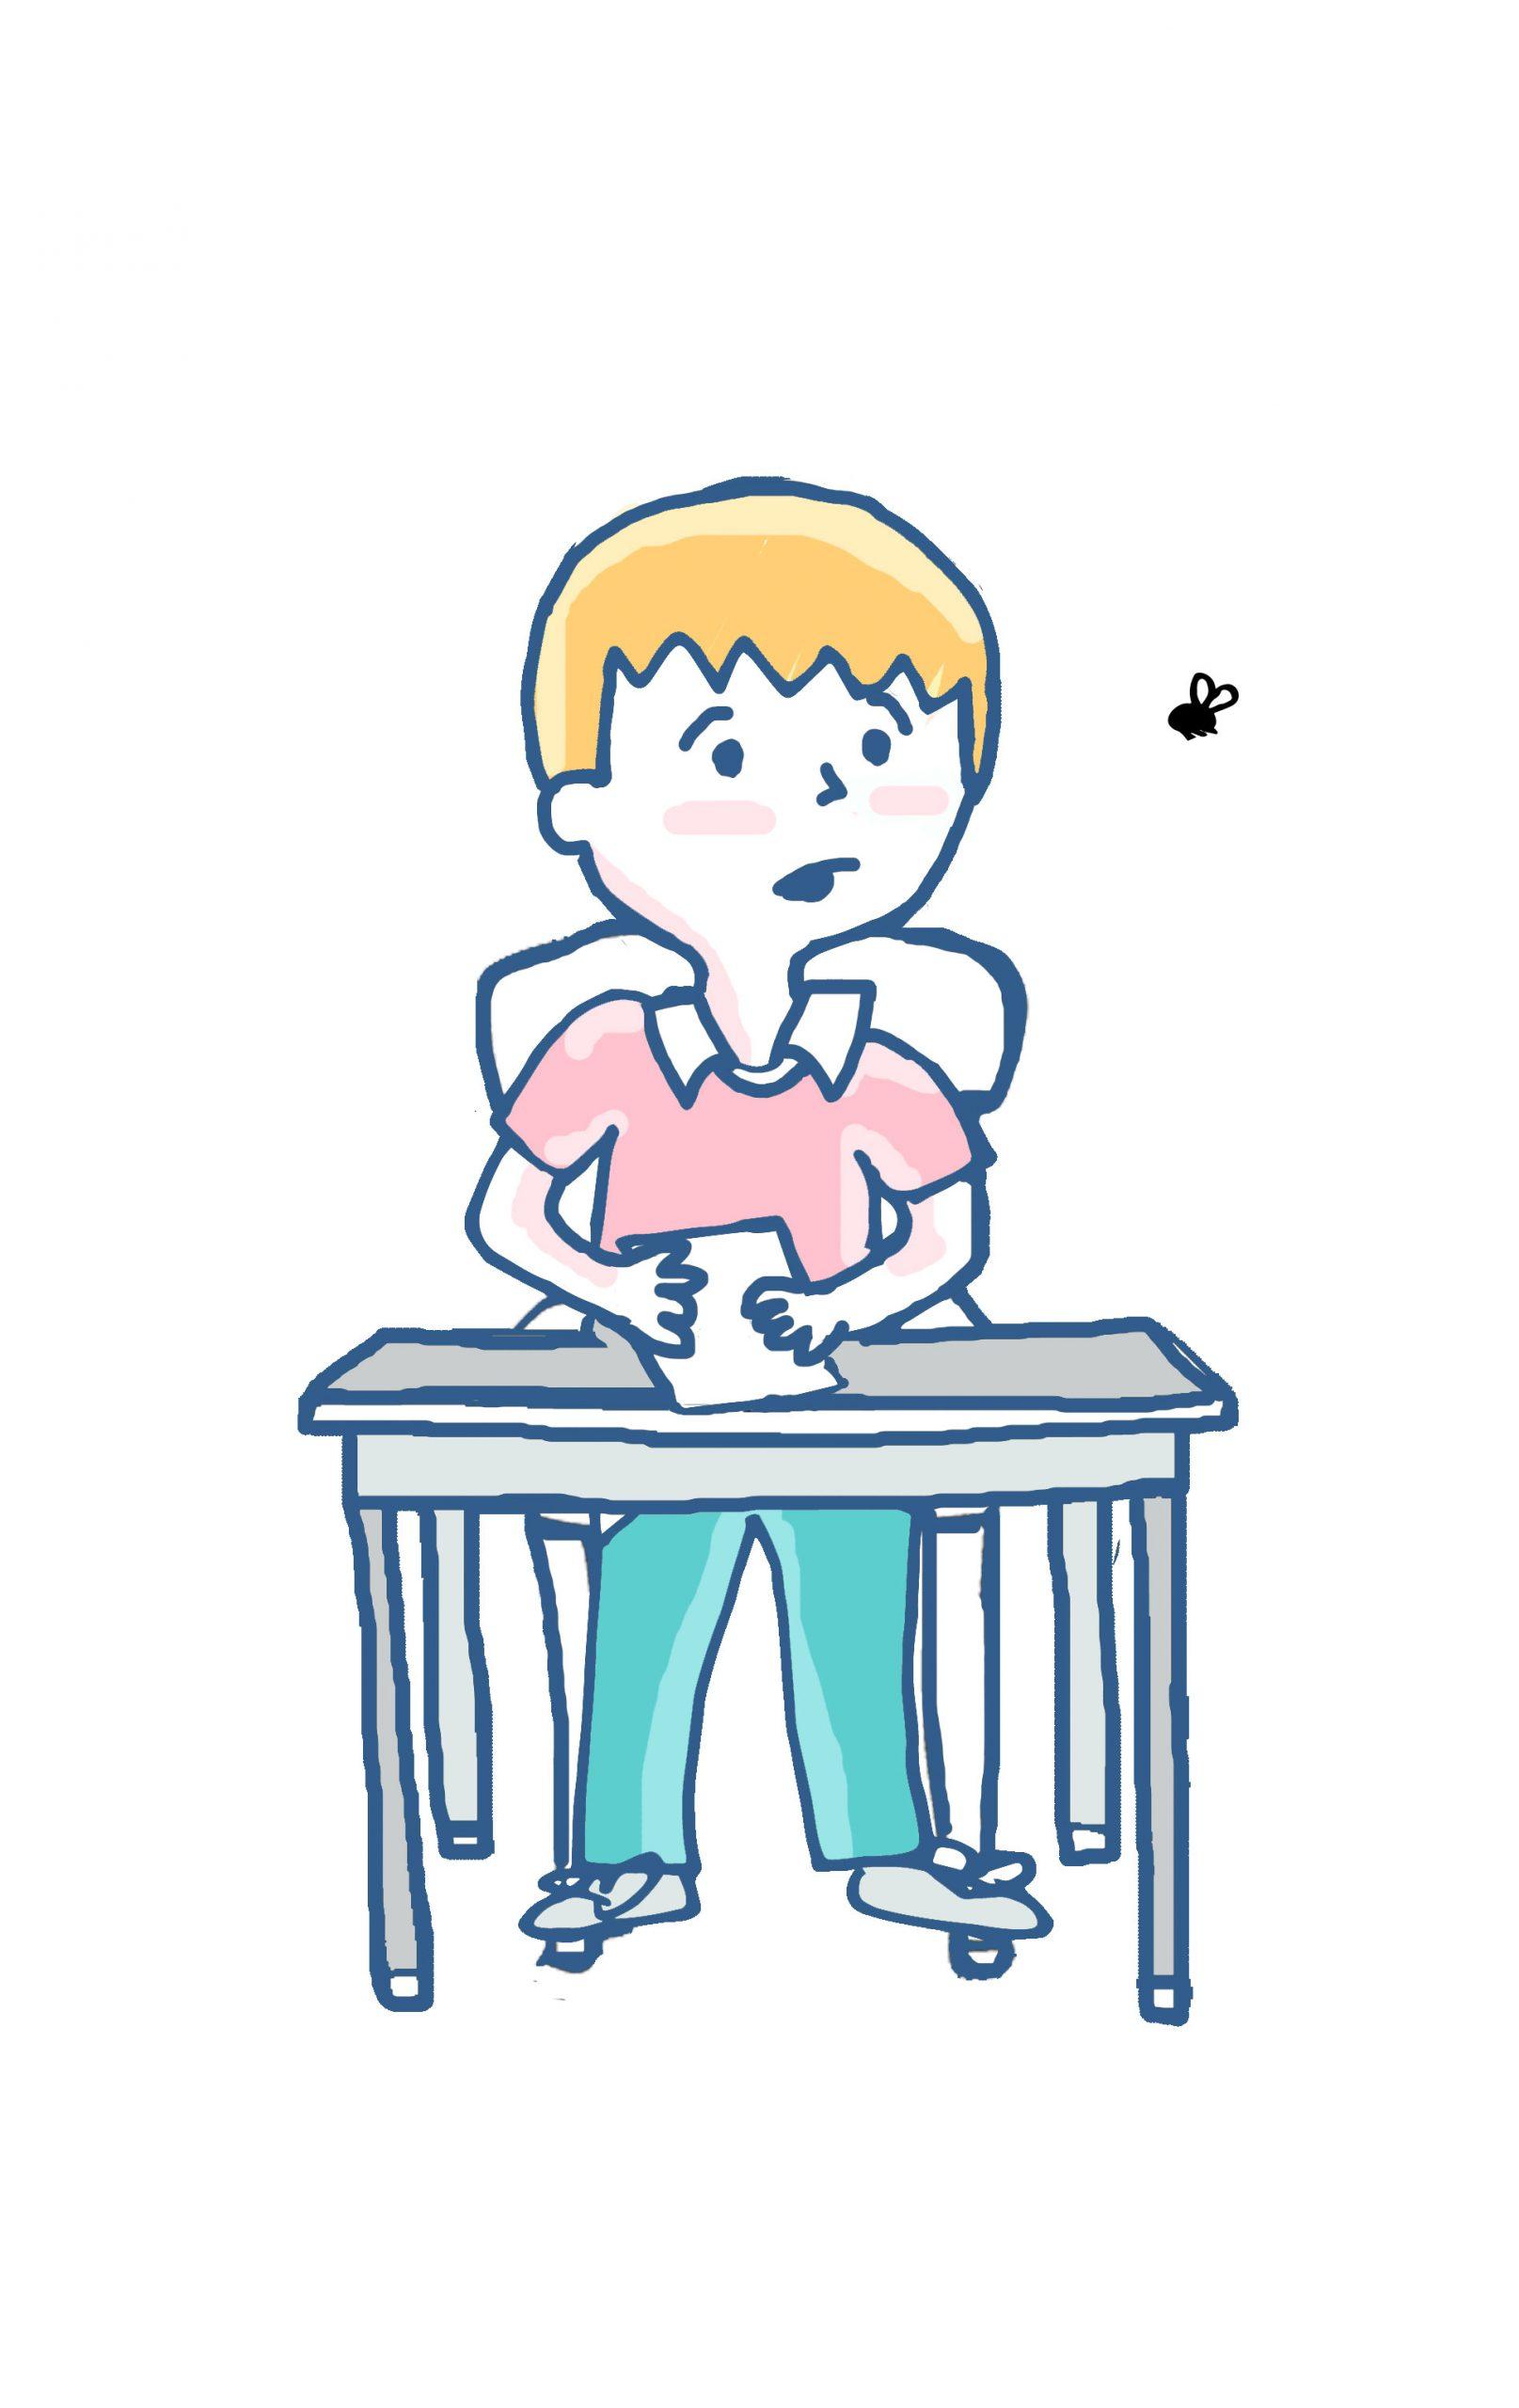 tdah en niños sintomas